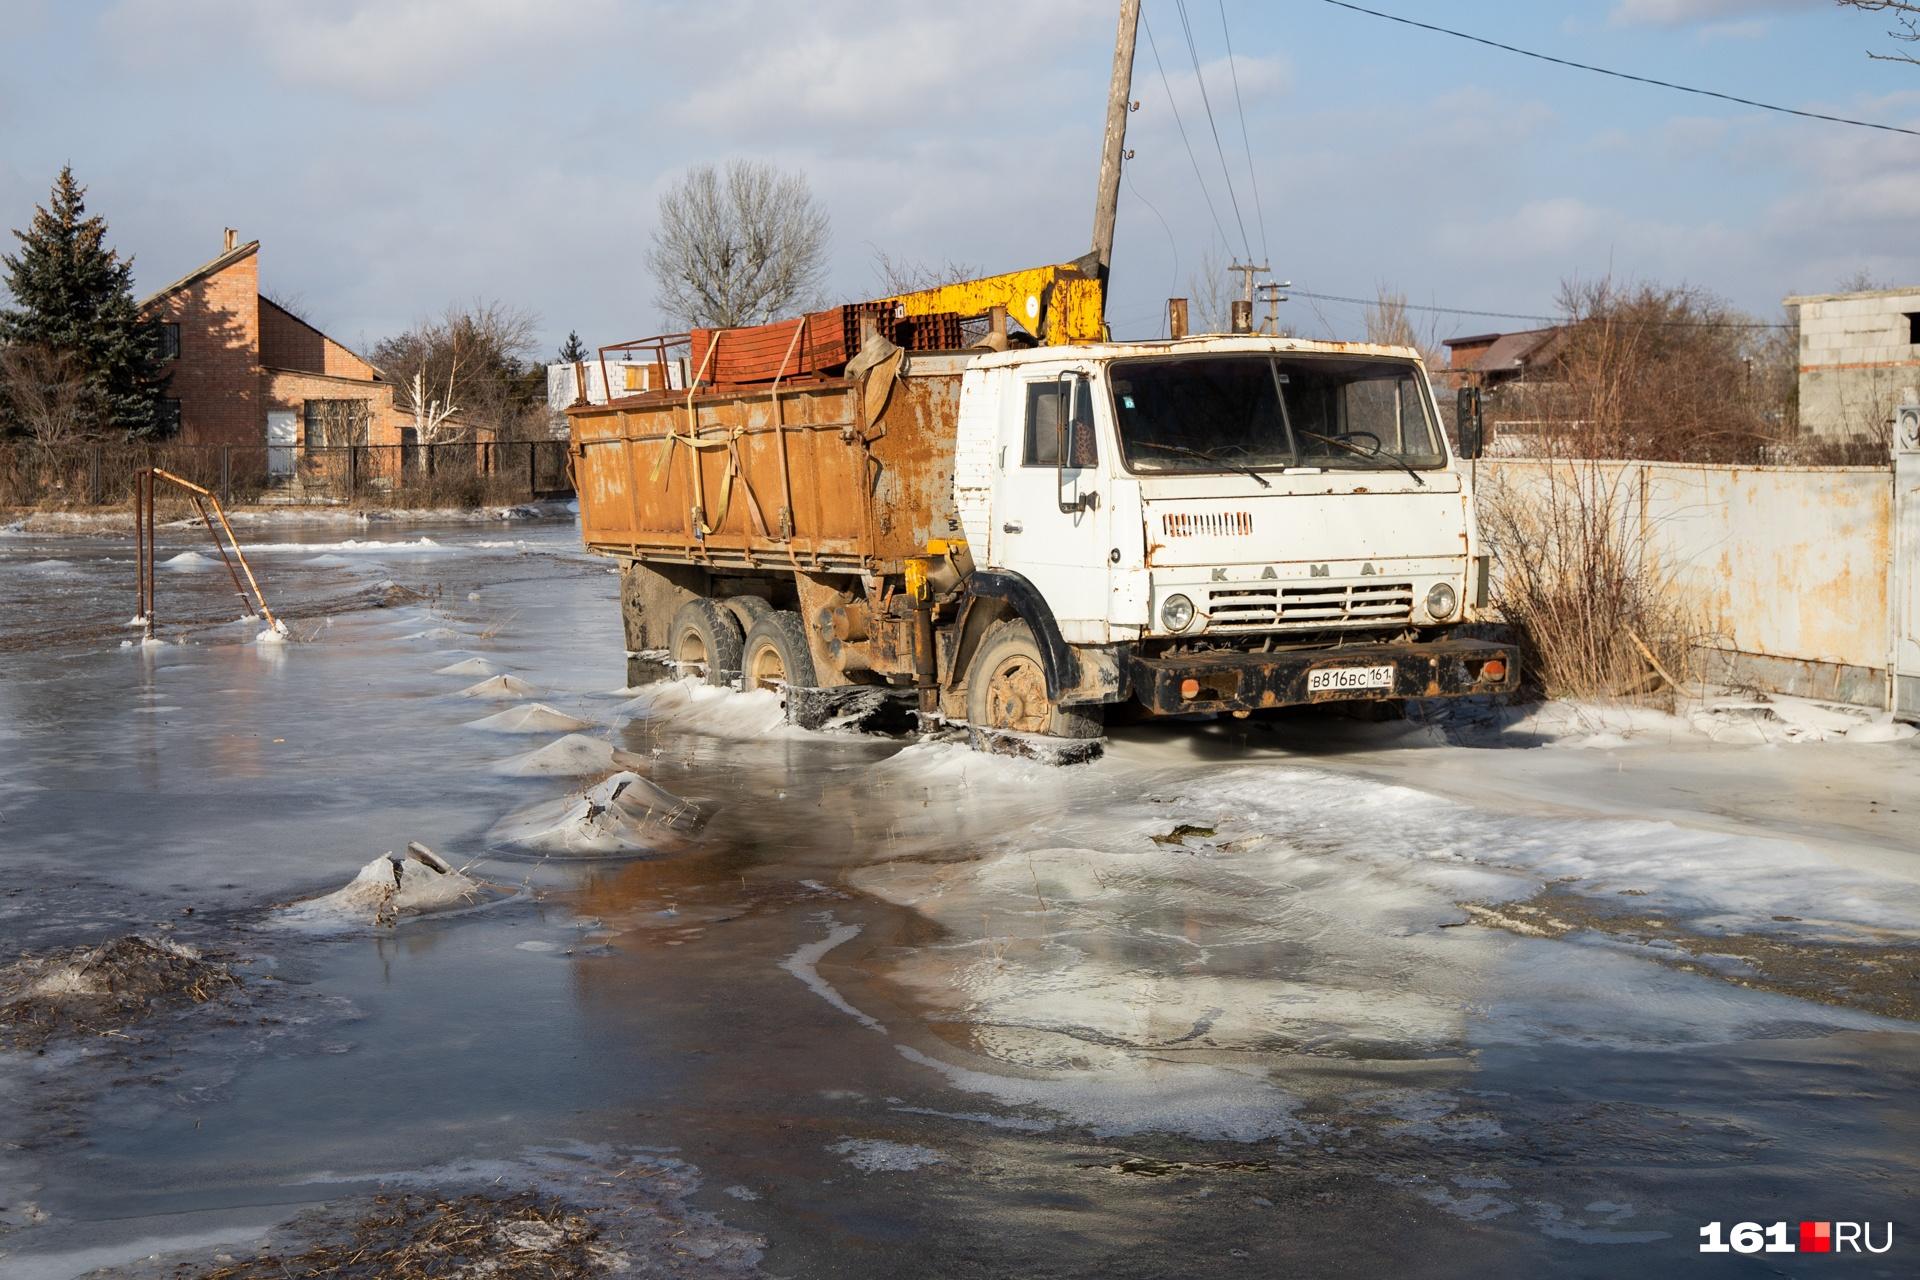 В воде стоят и машины. Завести их будет проблематично